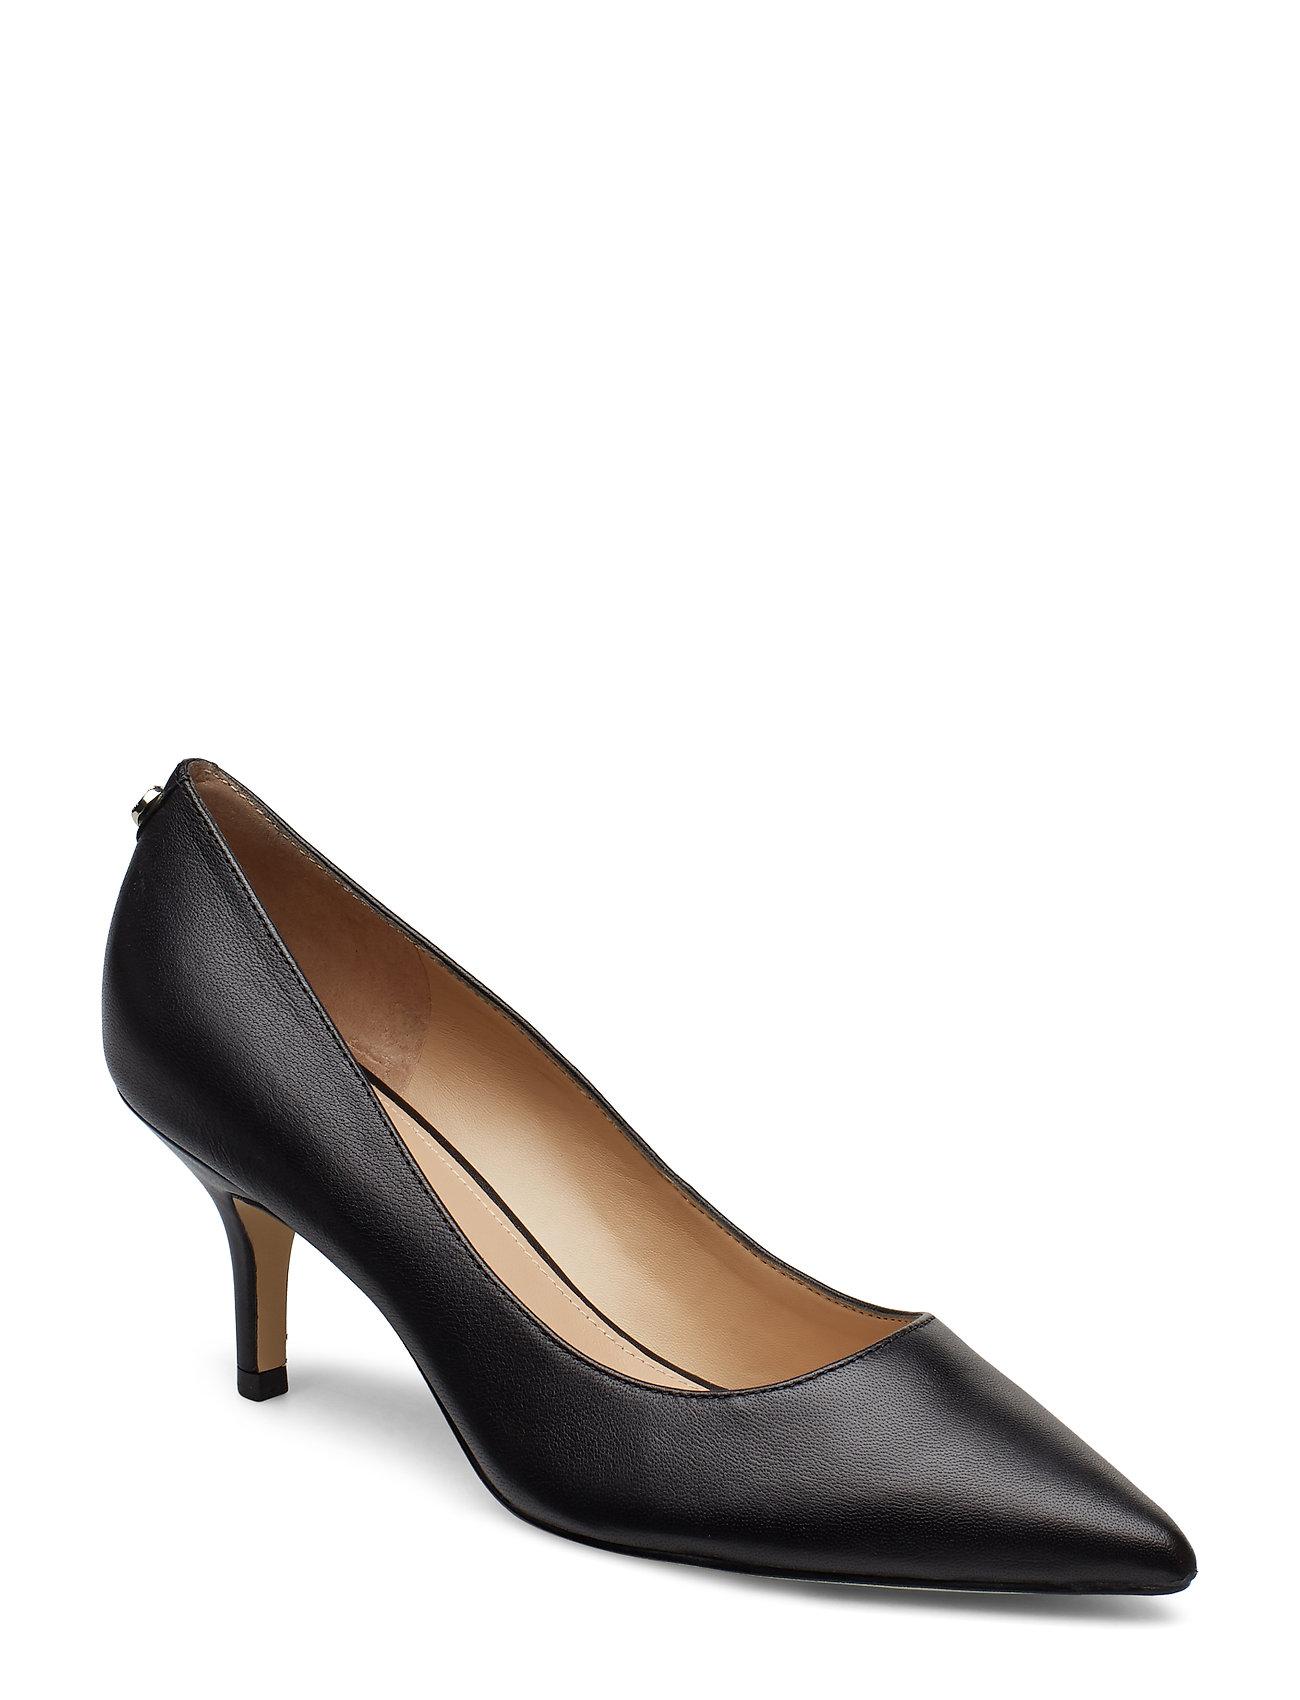 GUESS Dessie4/Decollete /Leath Shoes Heels Pumps Classic Schwarz GUESS